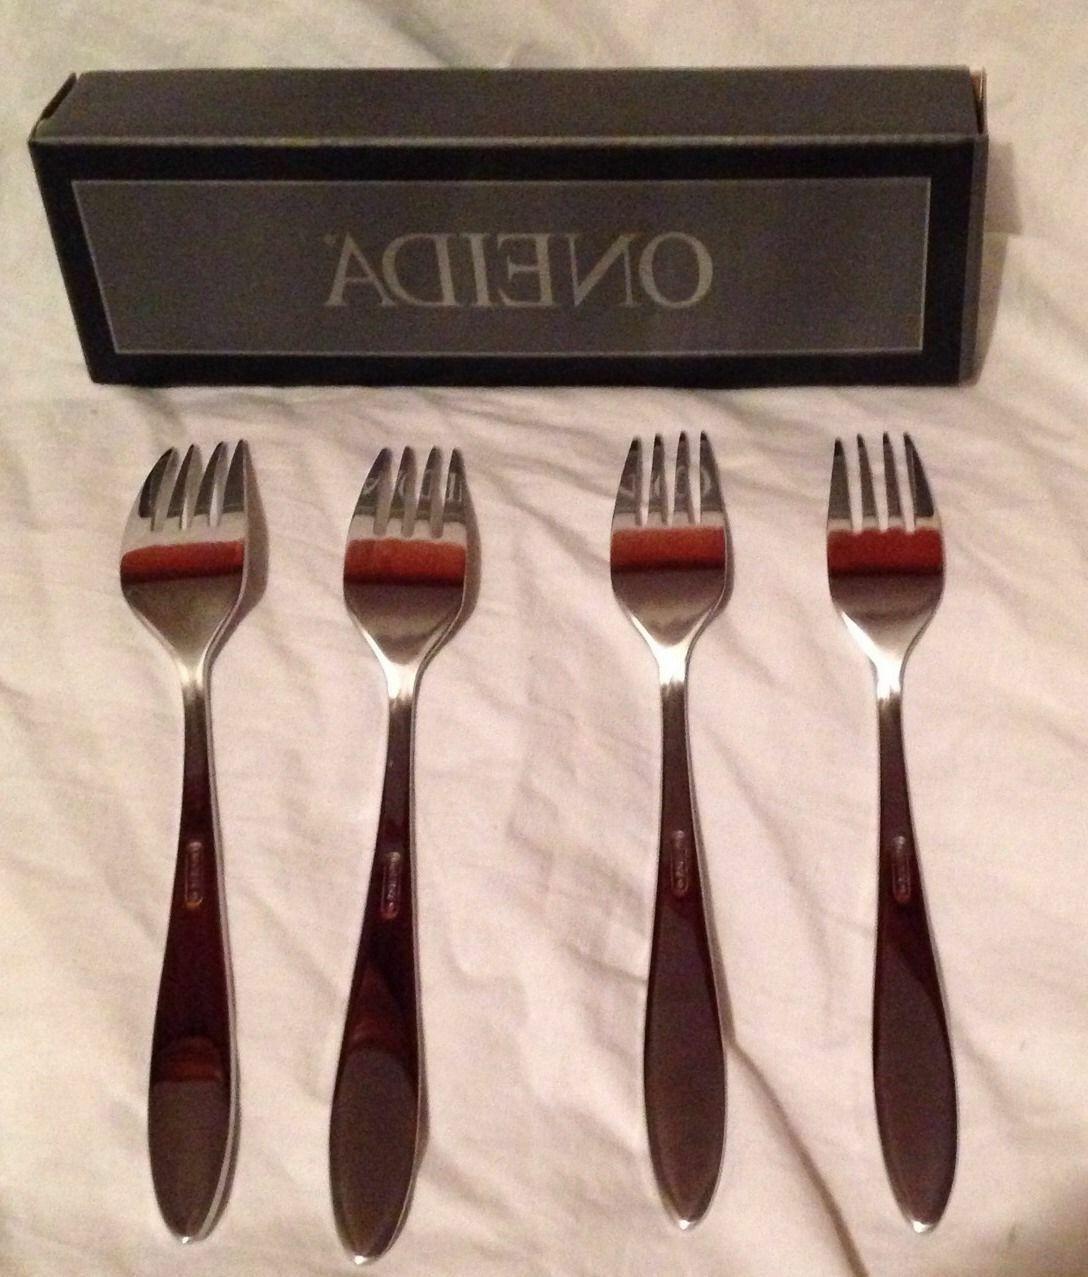 stainless flatware mooncrest dinner forks set of